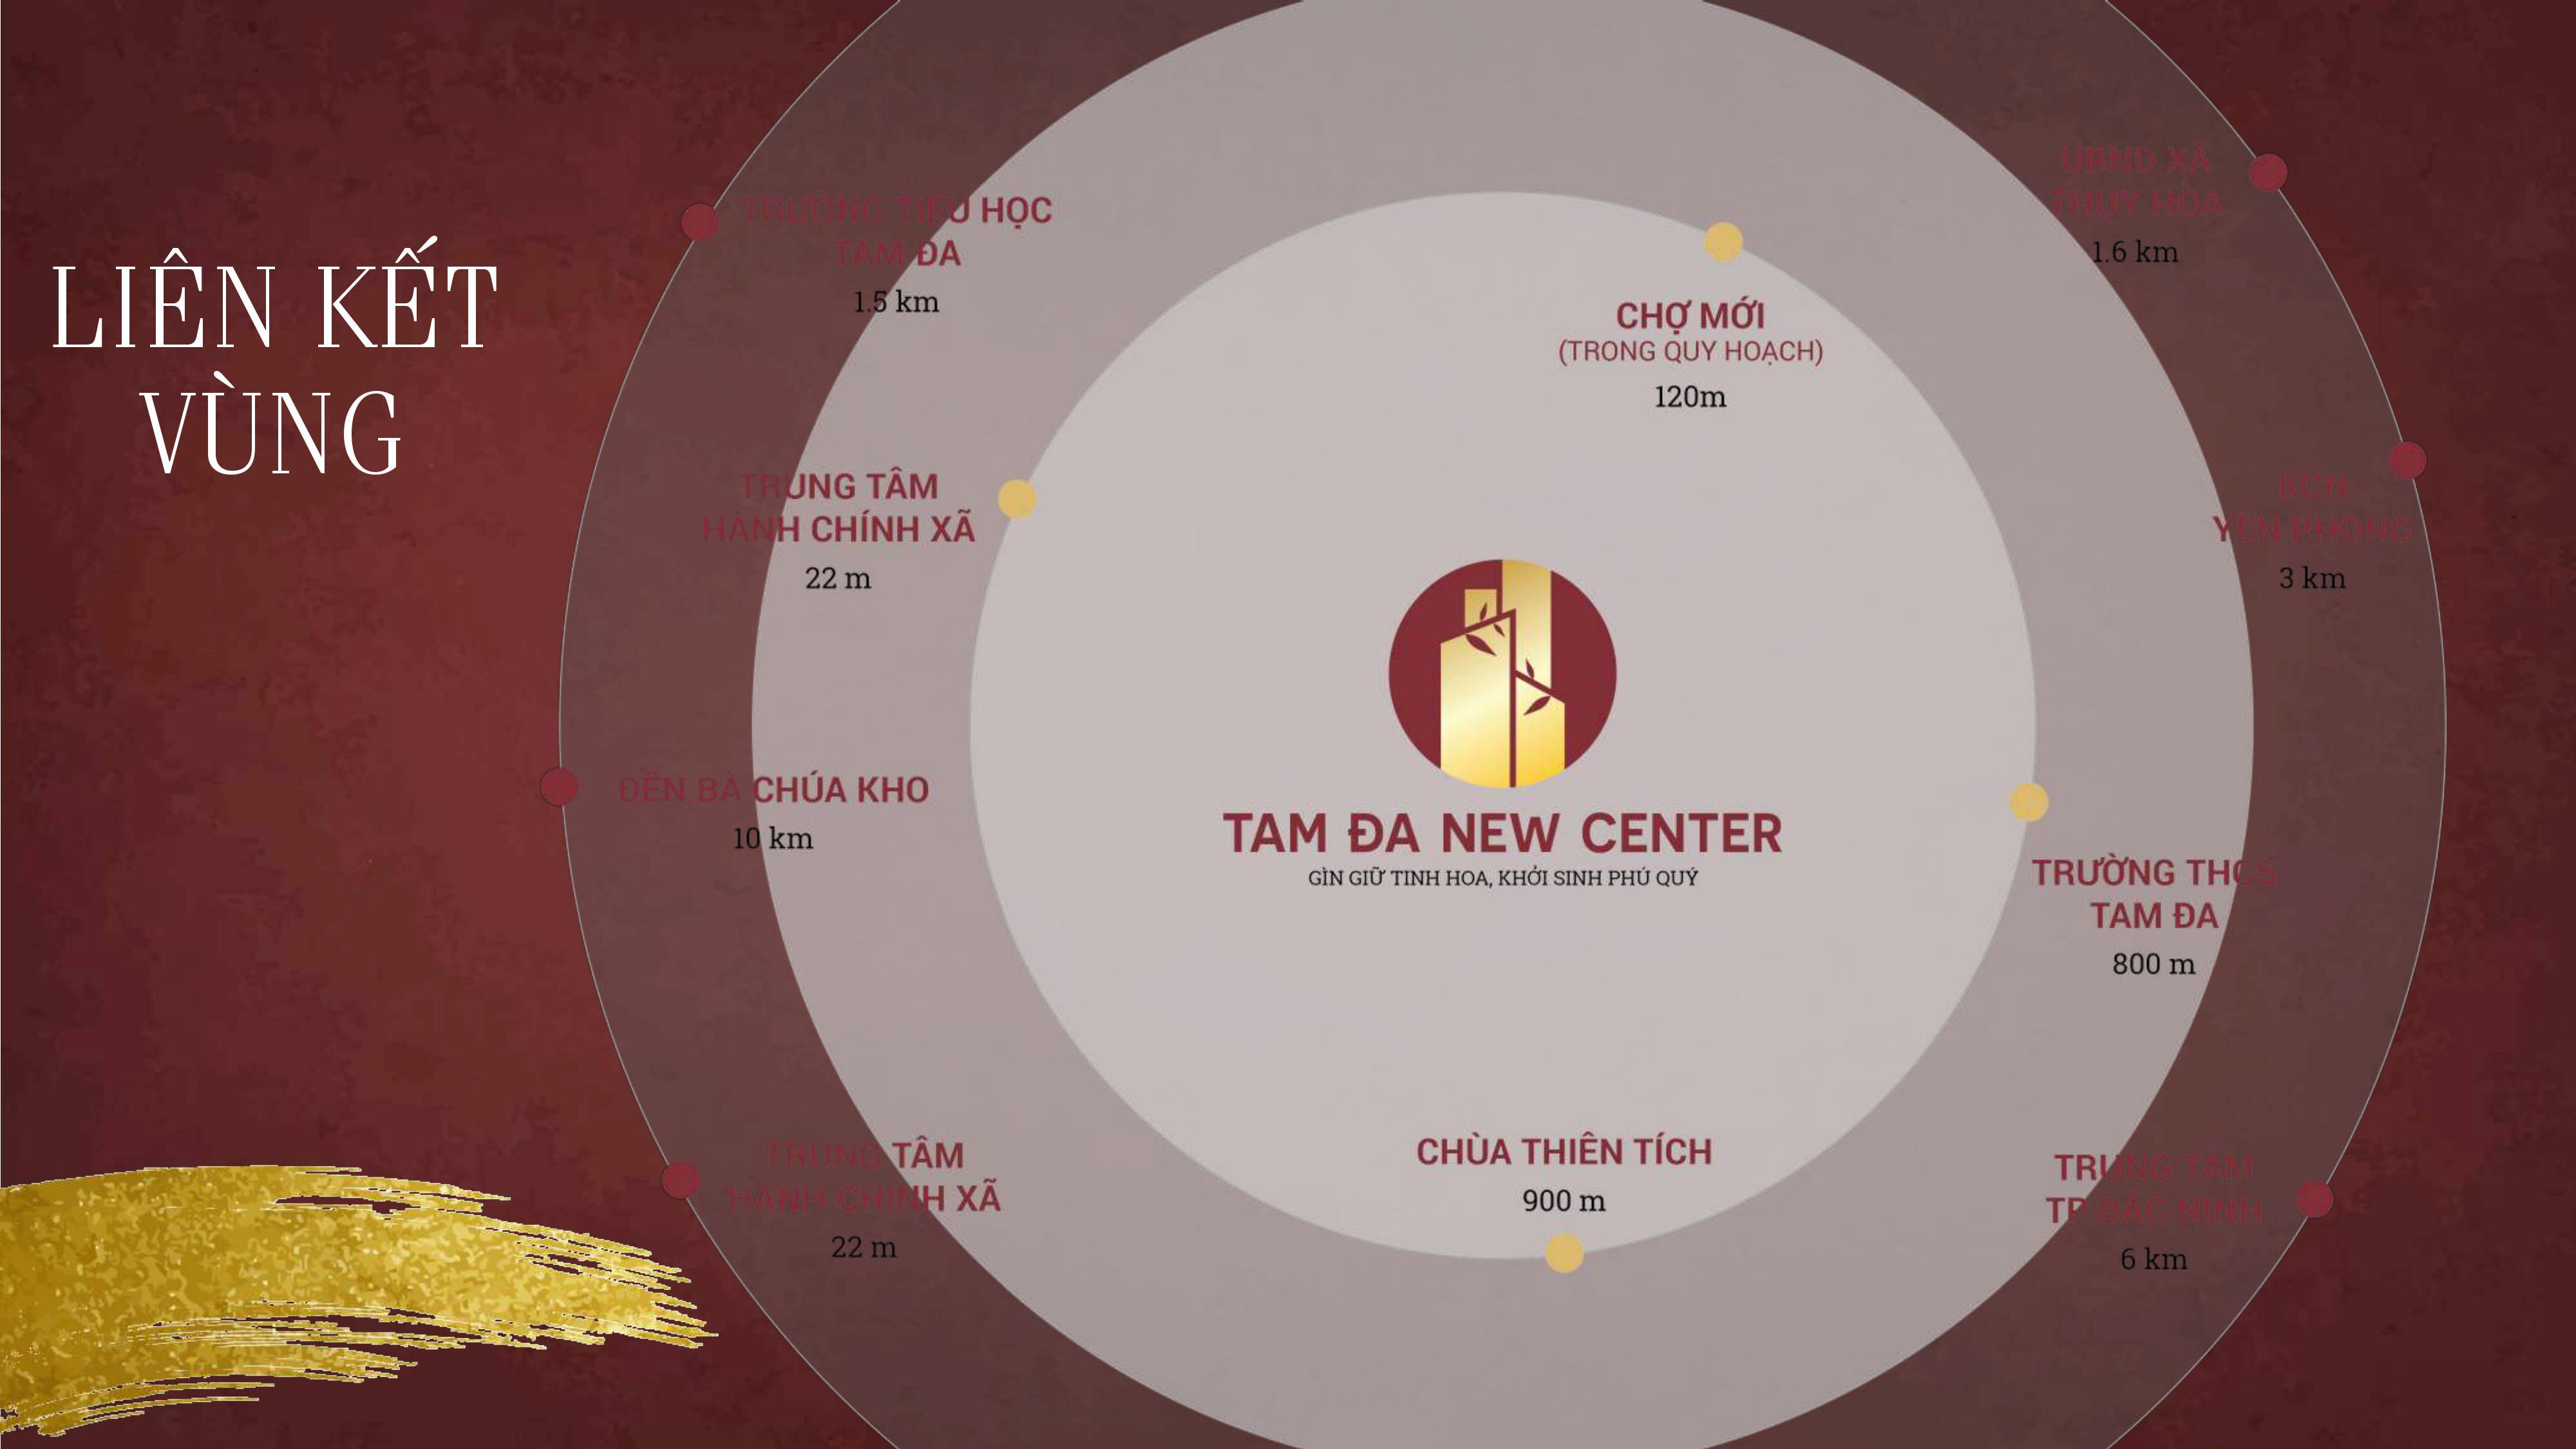 liên kết vùng dự án tam đa new center